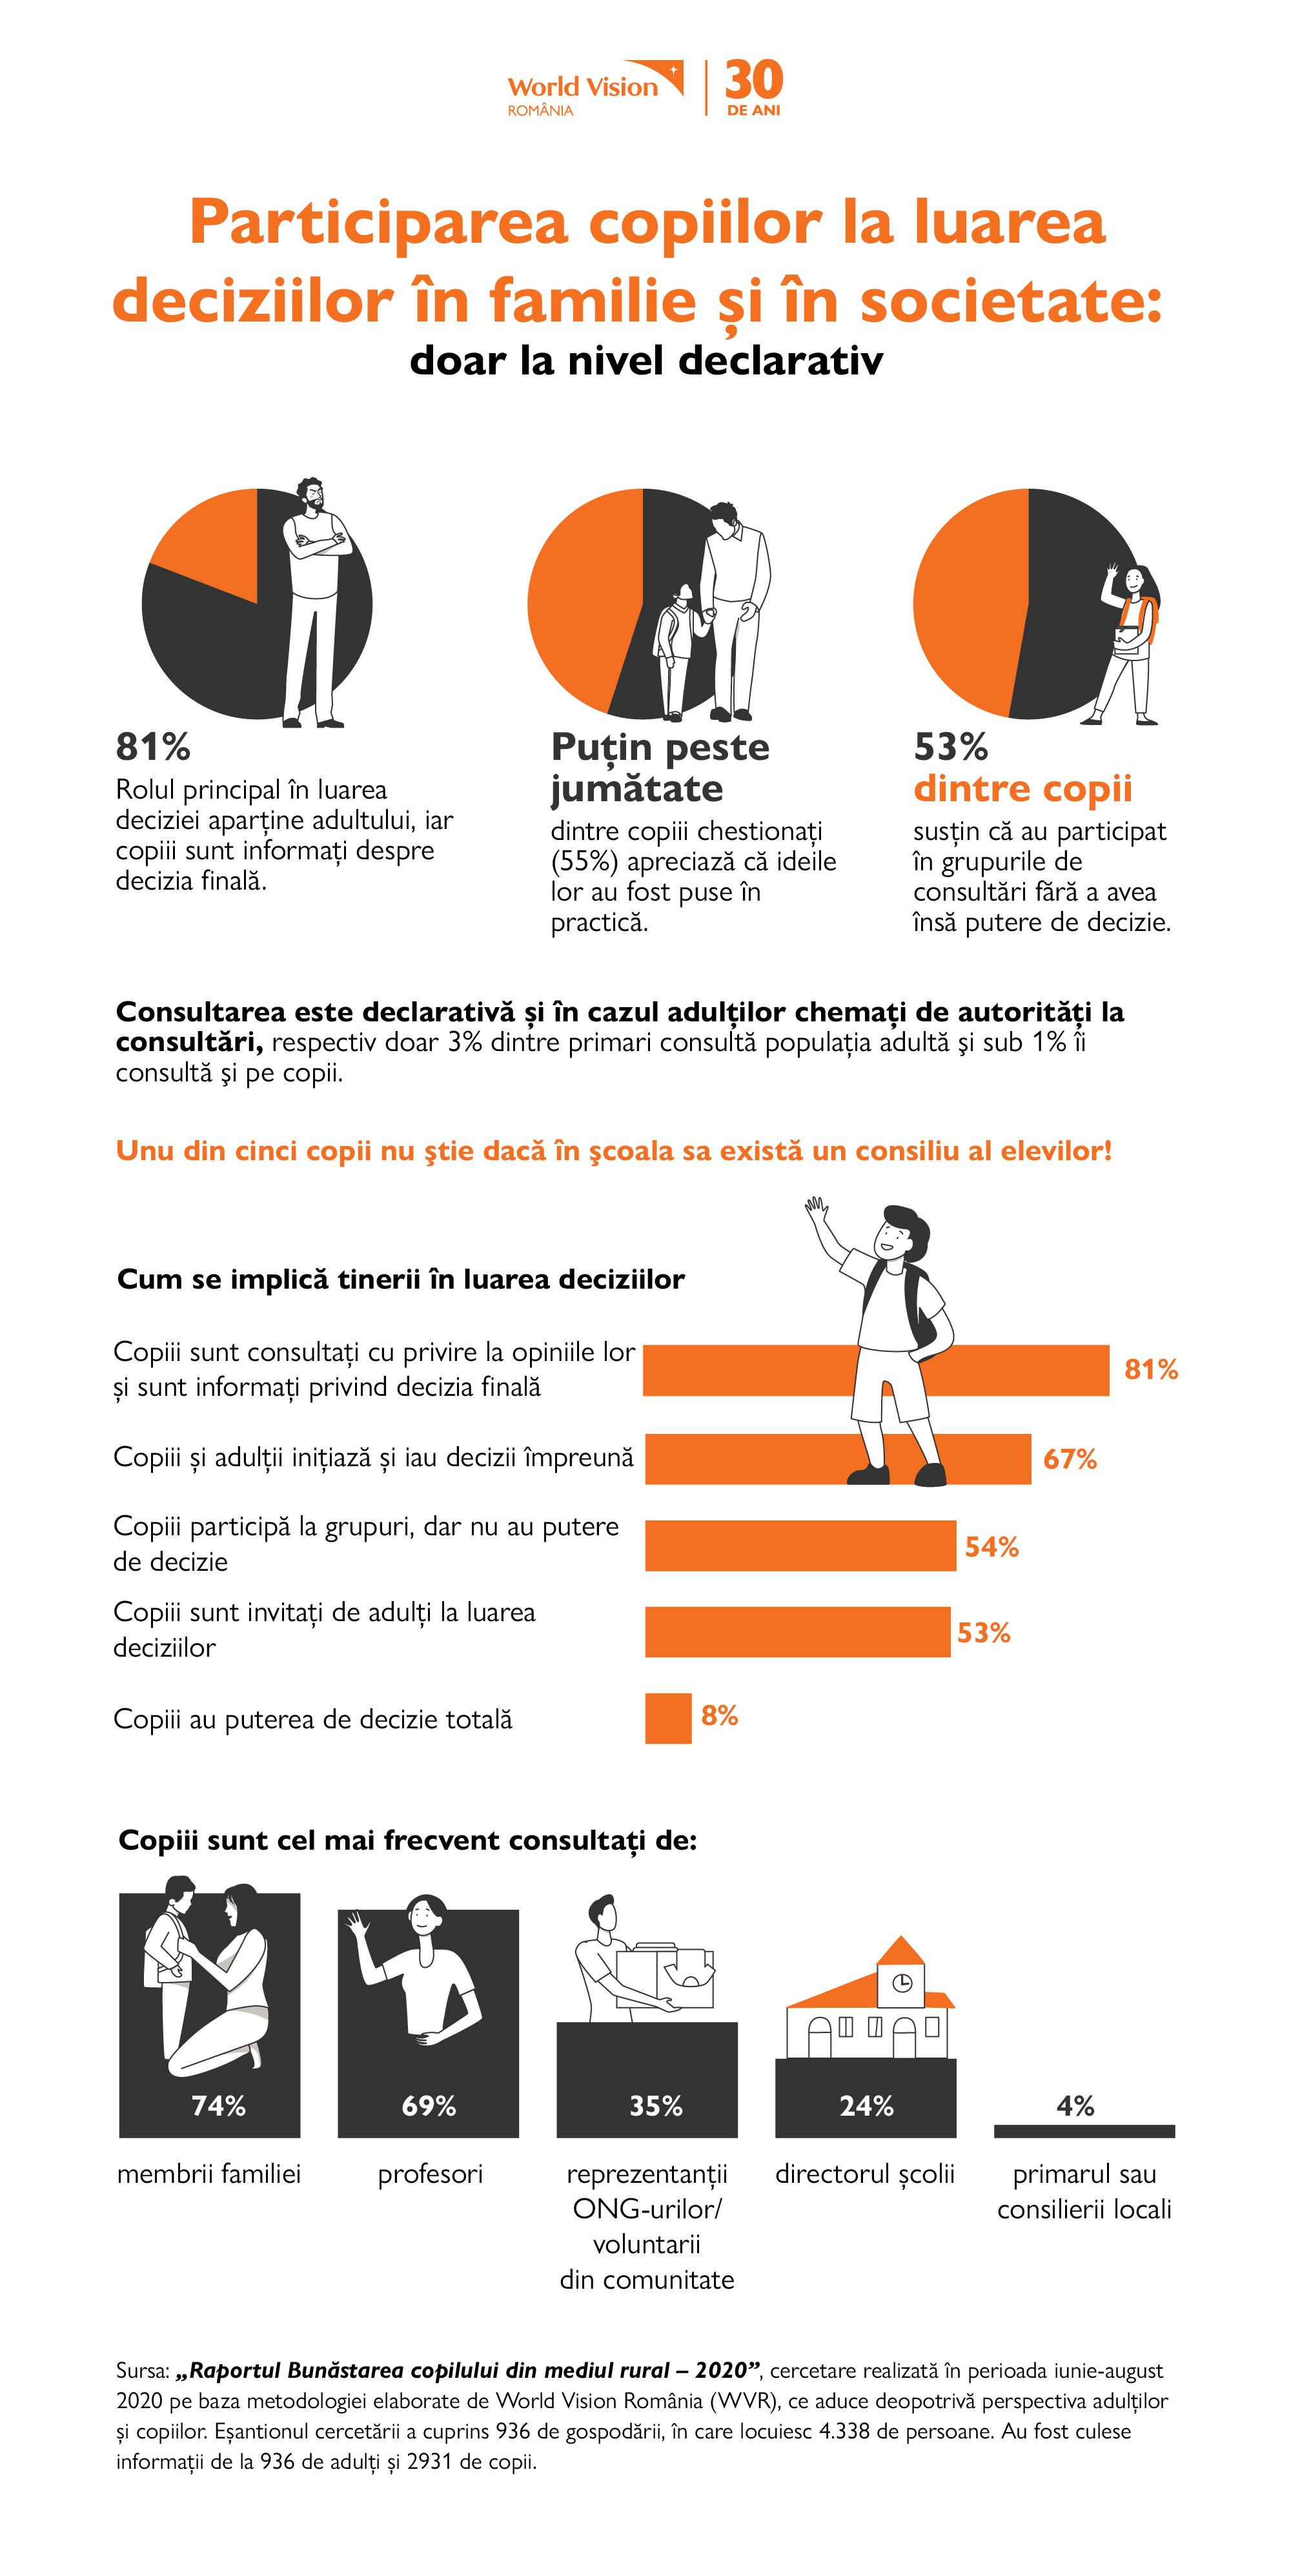 STUDIU Peste 80% dintre copii spun că rolul în luarea deciziilor aparține adulților, copiii fiind informați despre decizie